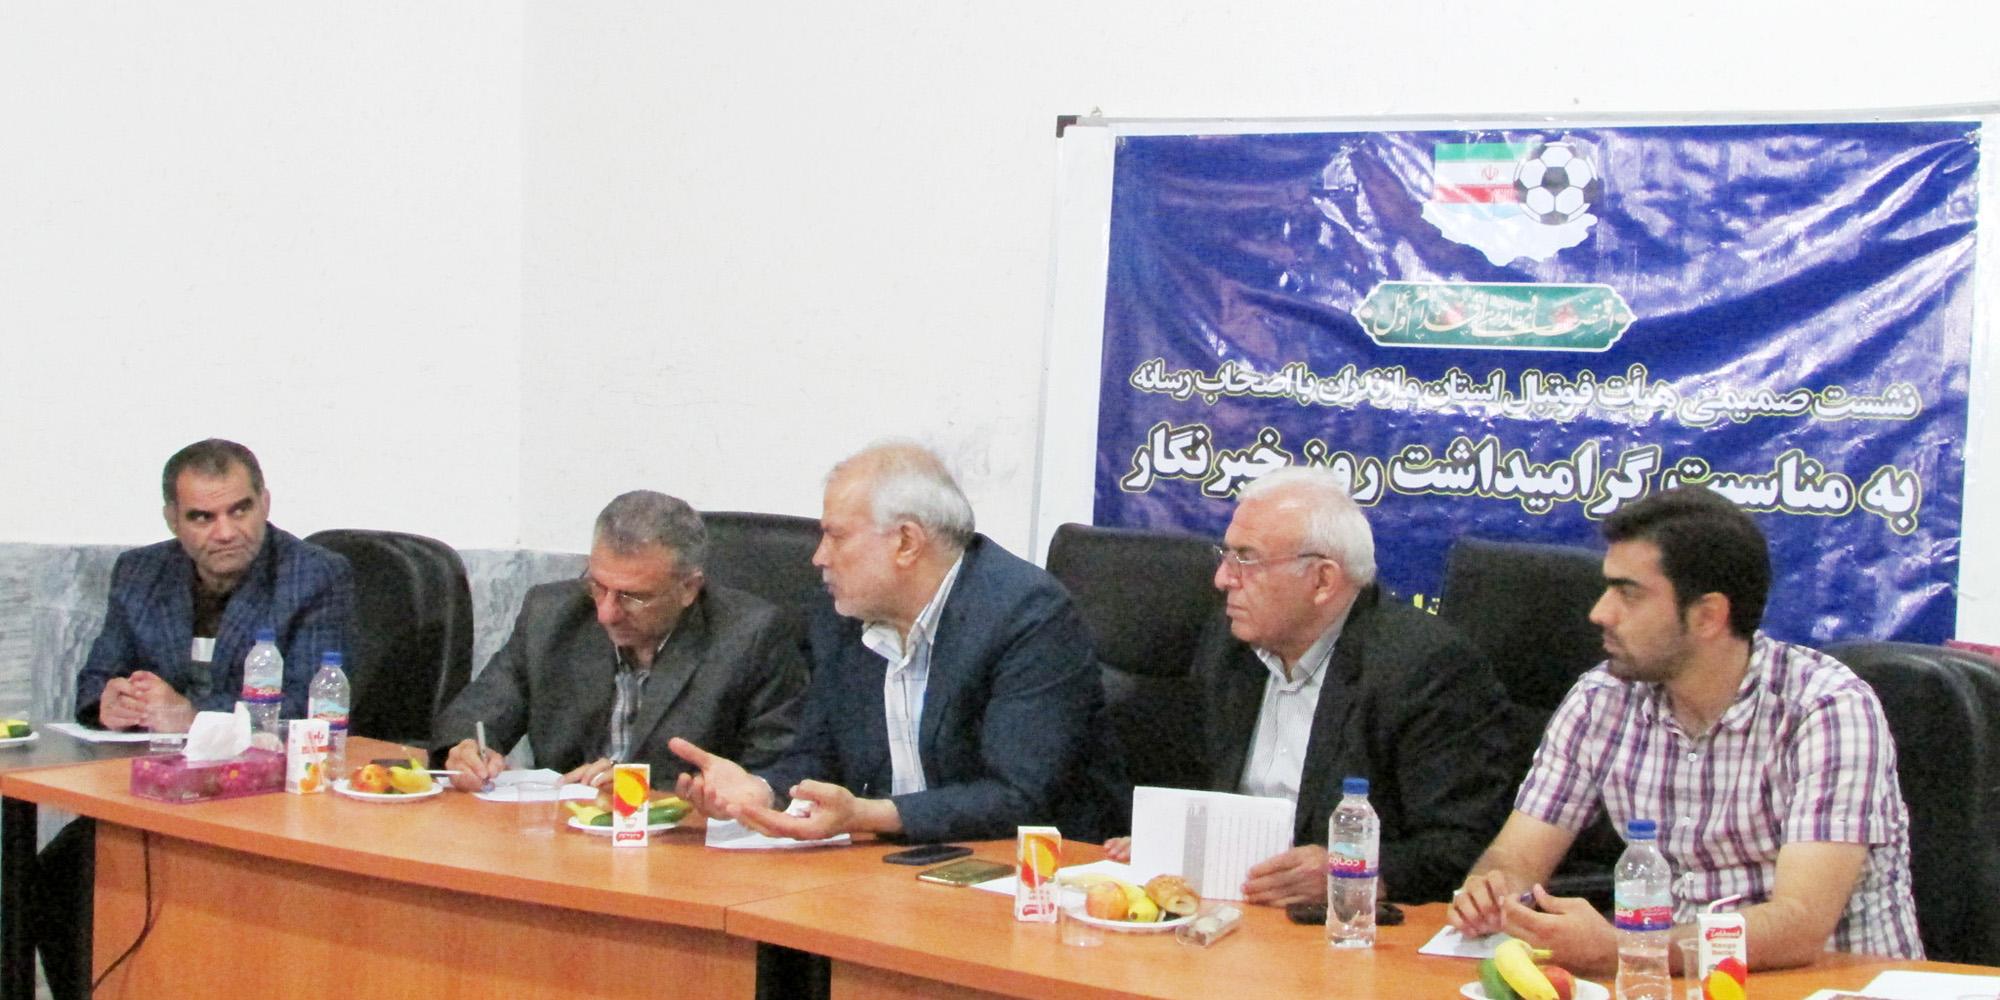 صعود مازندران به لیگ برتر؛ نگاه کشوری به فضای رسانهای استان